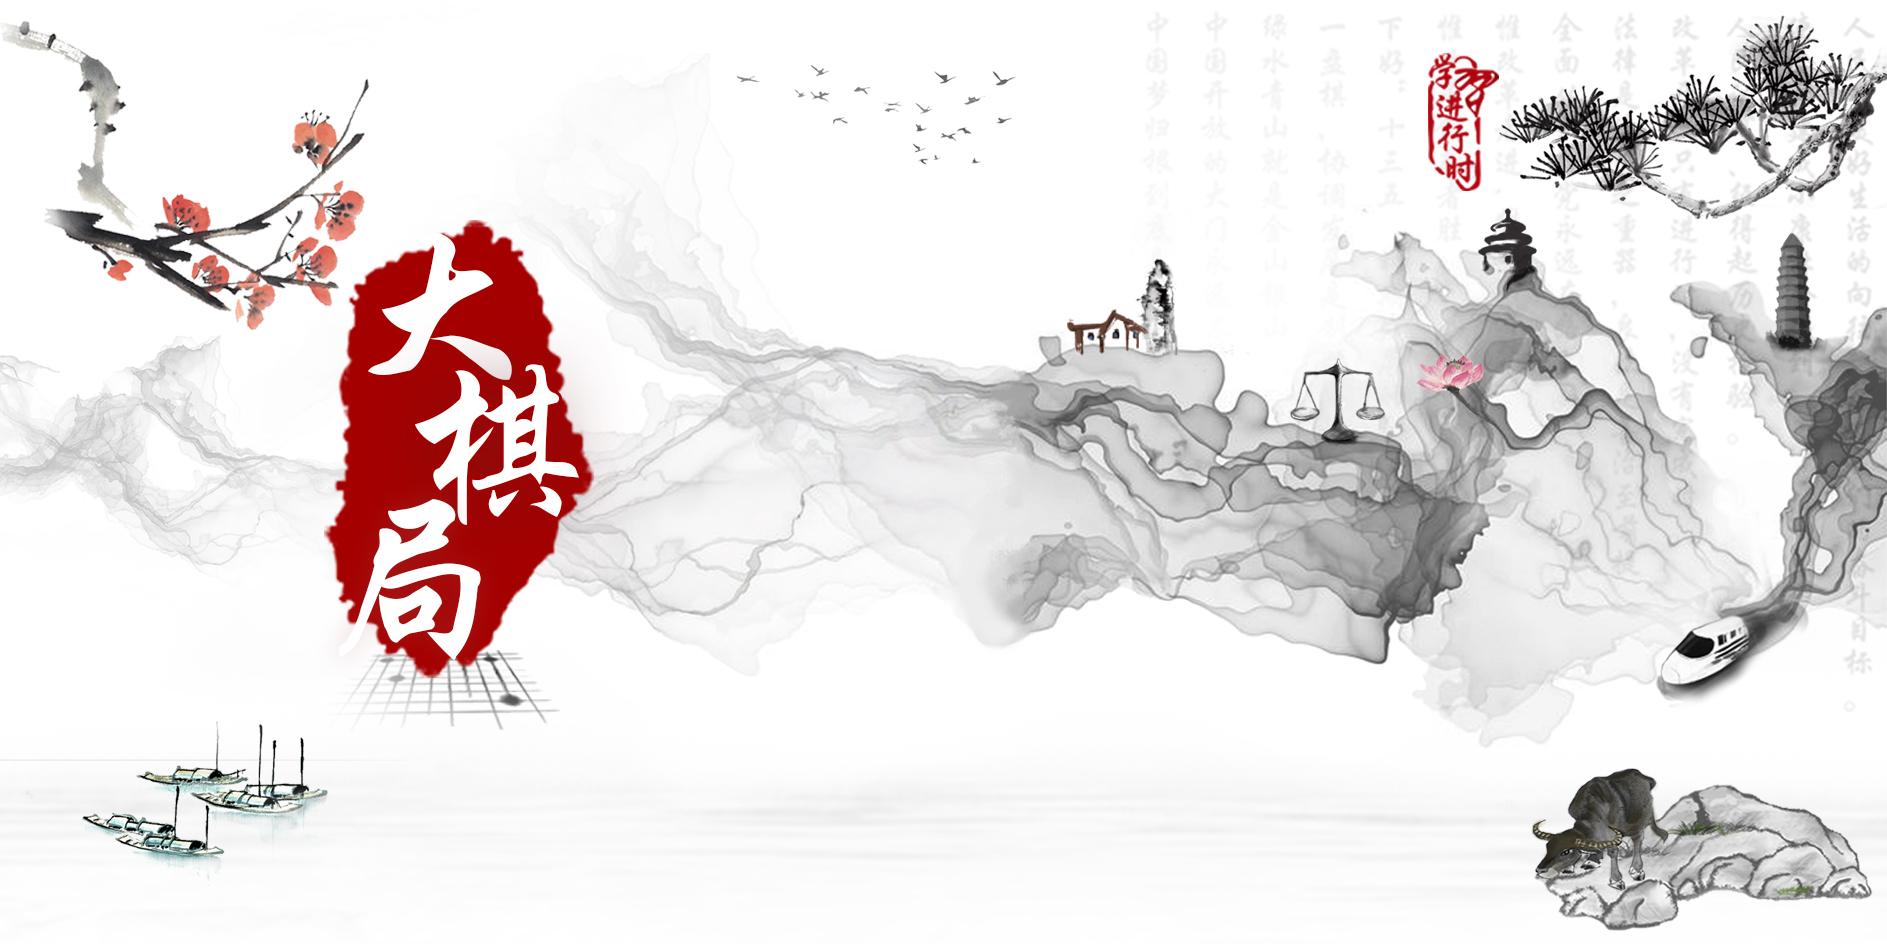 世界好,中國才能好;中國好,世界才更好。